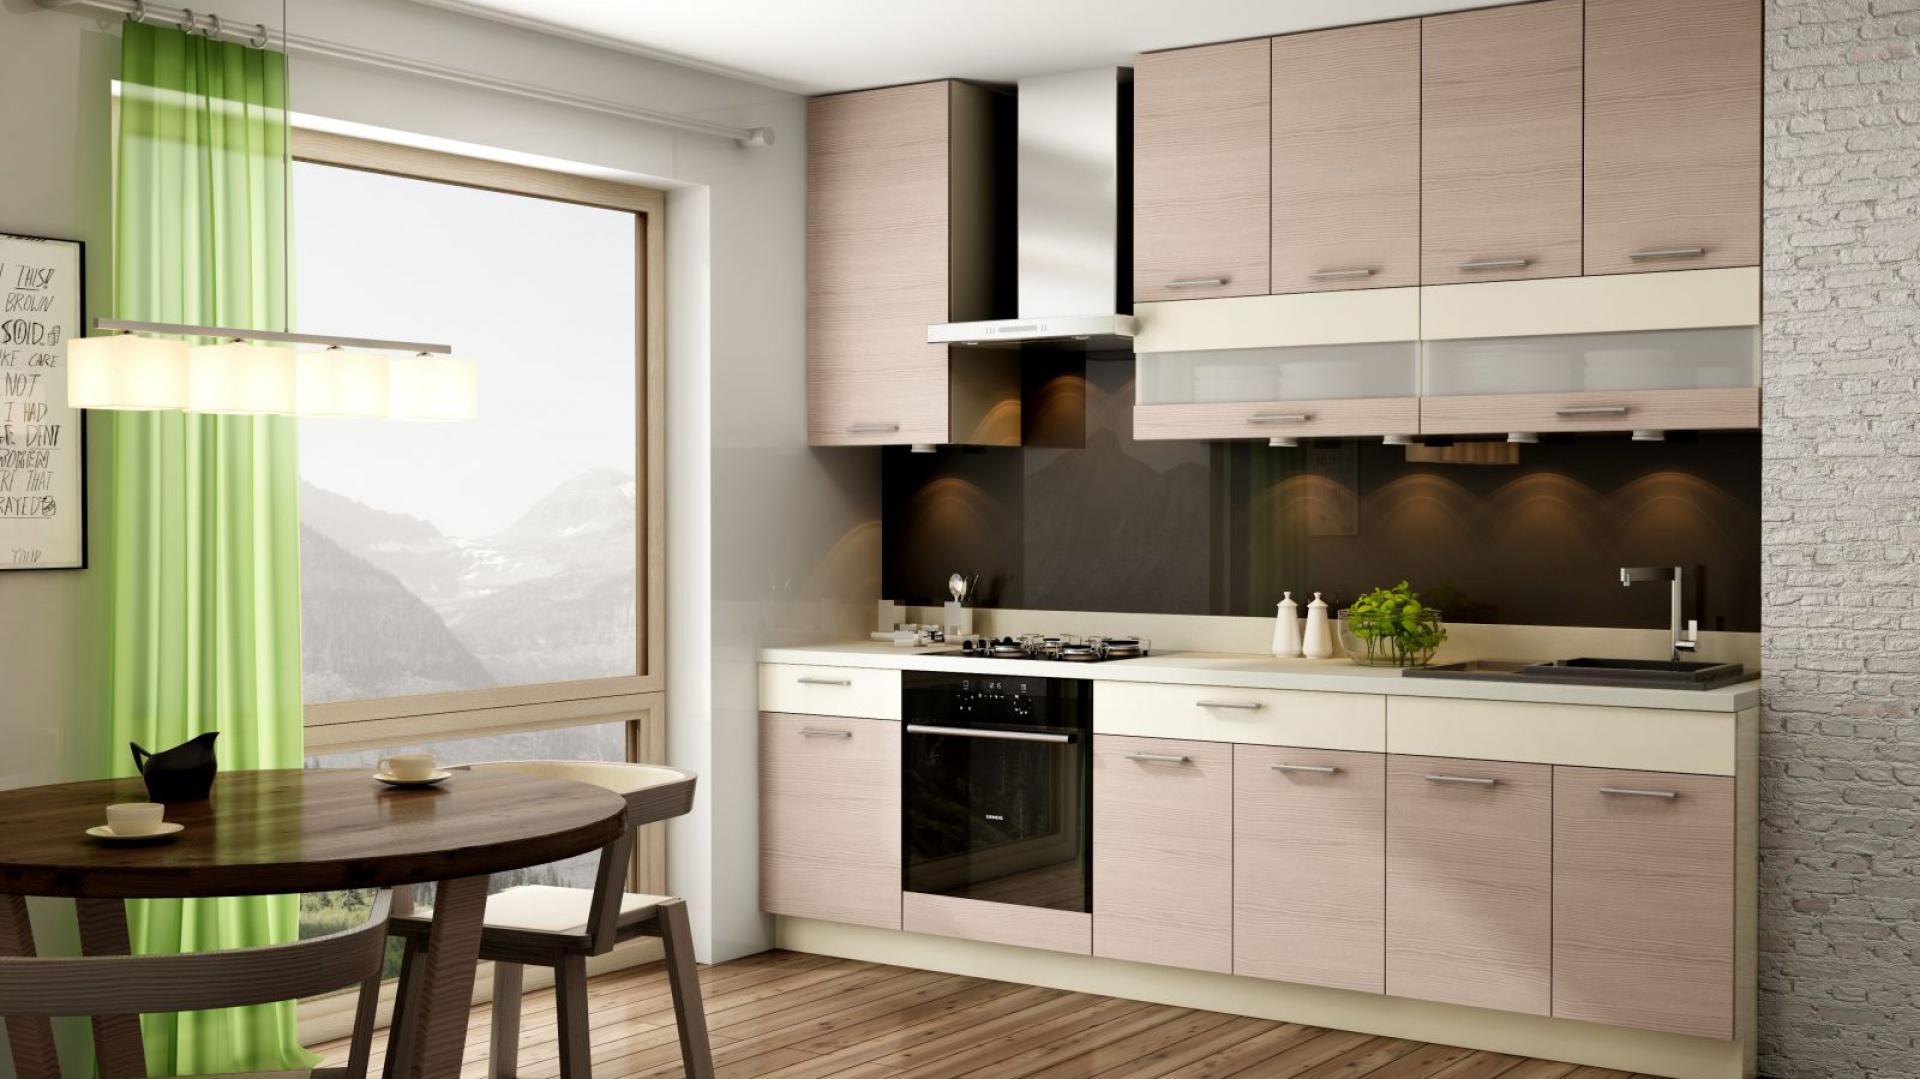 Zabudowę pod sam sufit Kuchnia w małym mieszkaniu   -> Kuchnia Pod Sufit